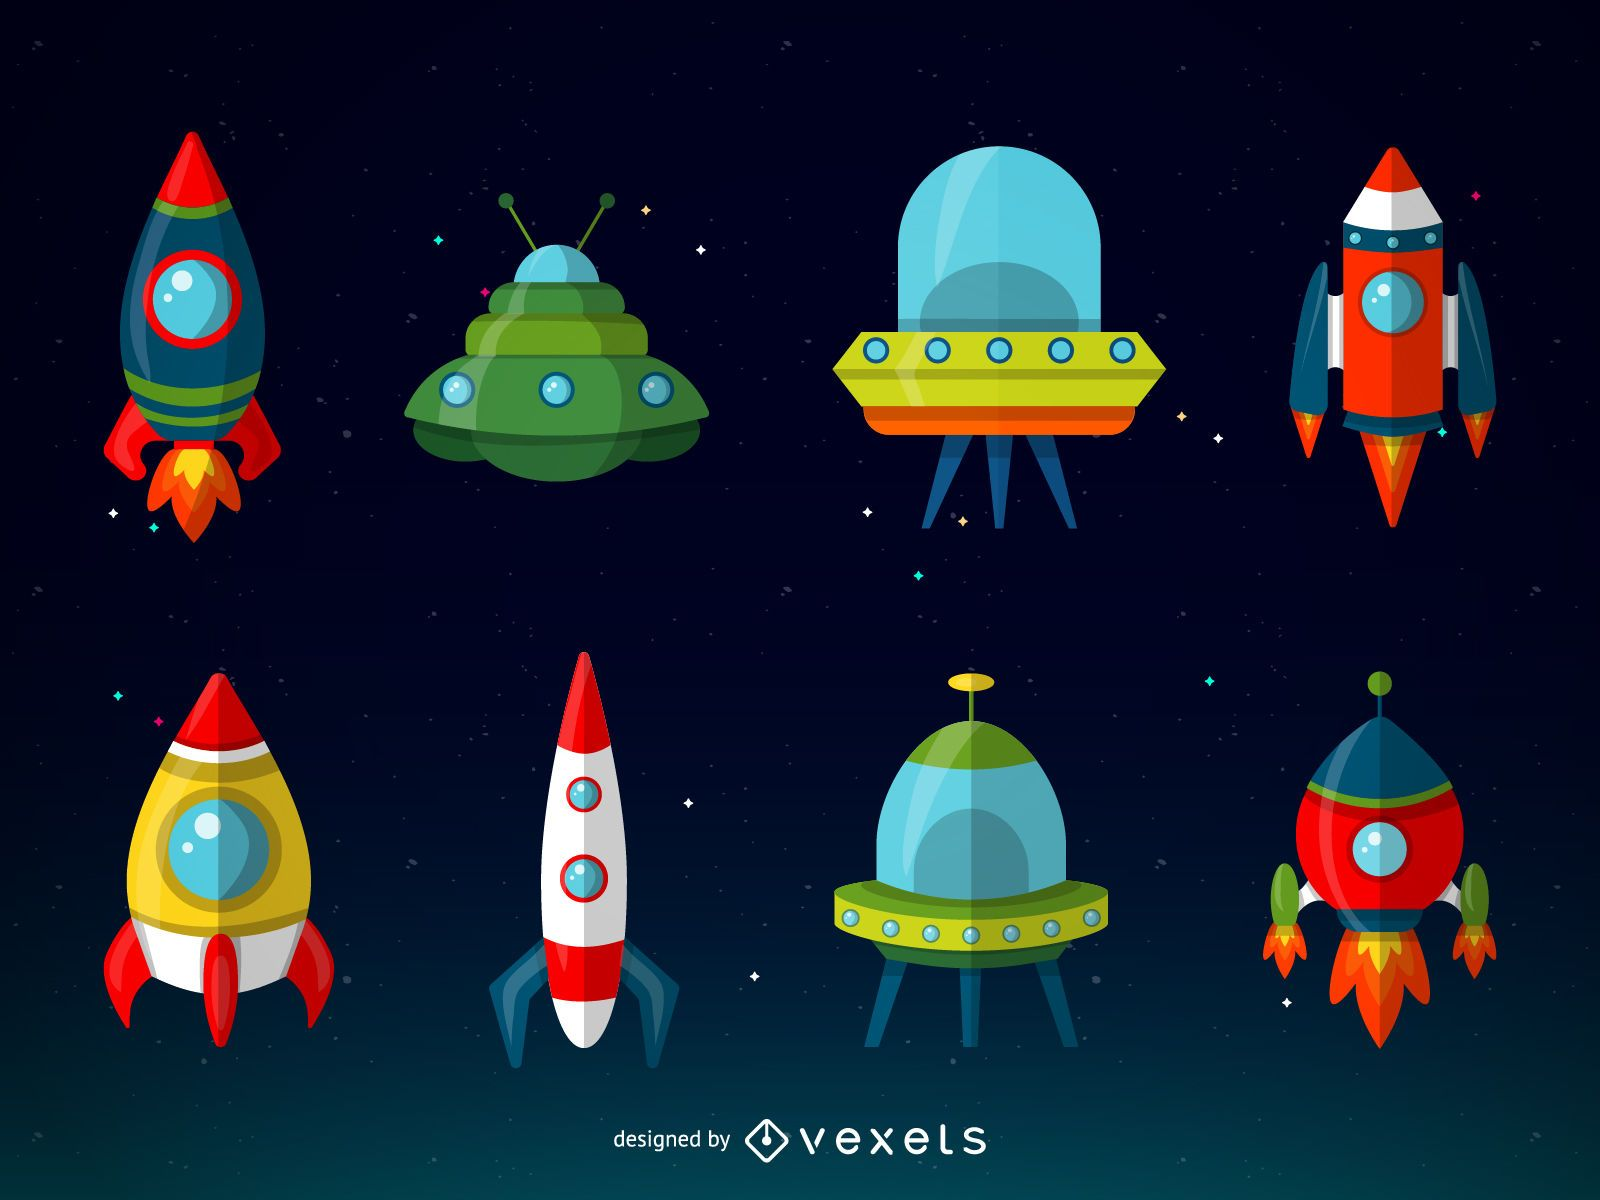 Sammlung von Raumschiffillustrationen